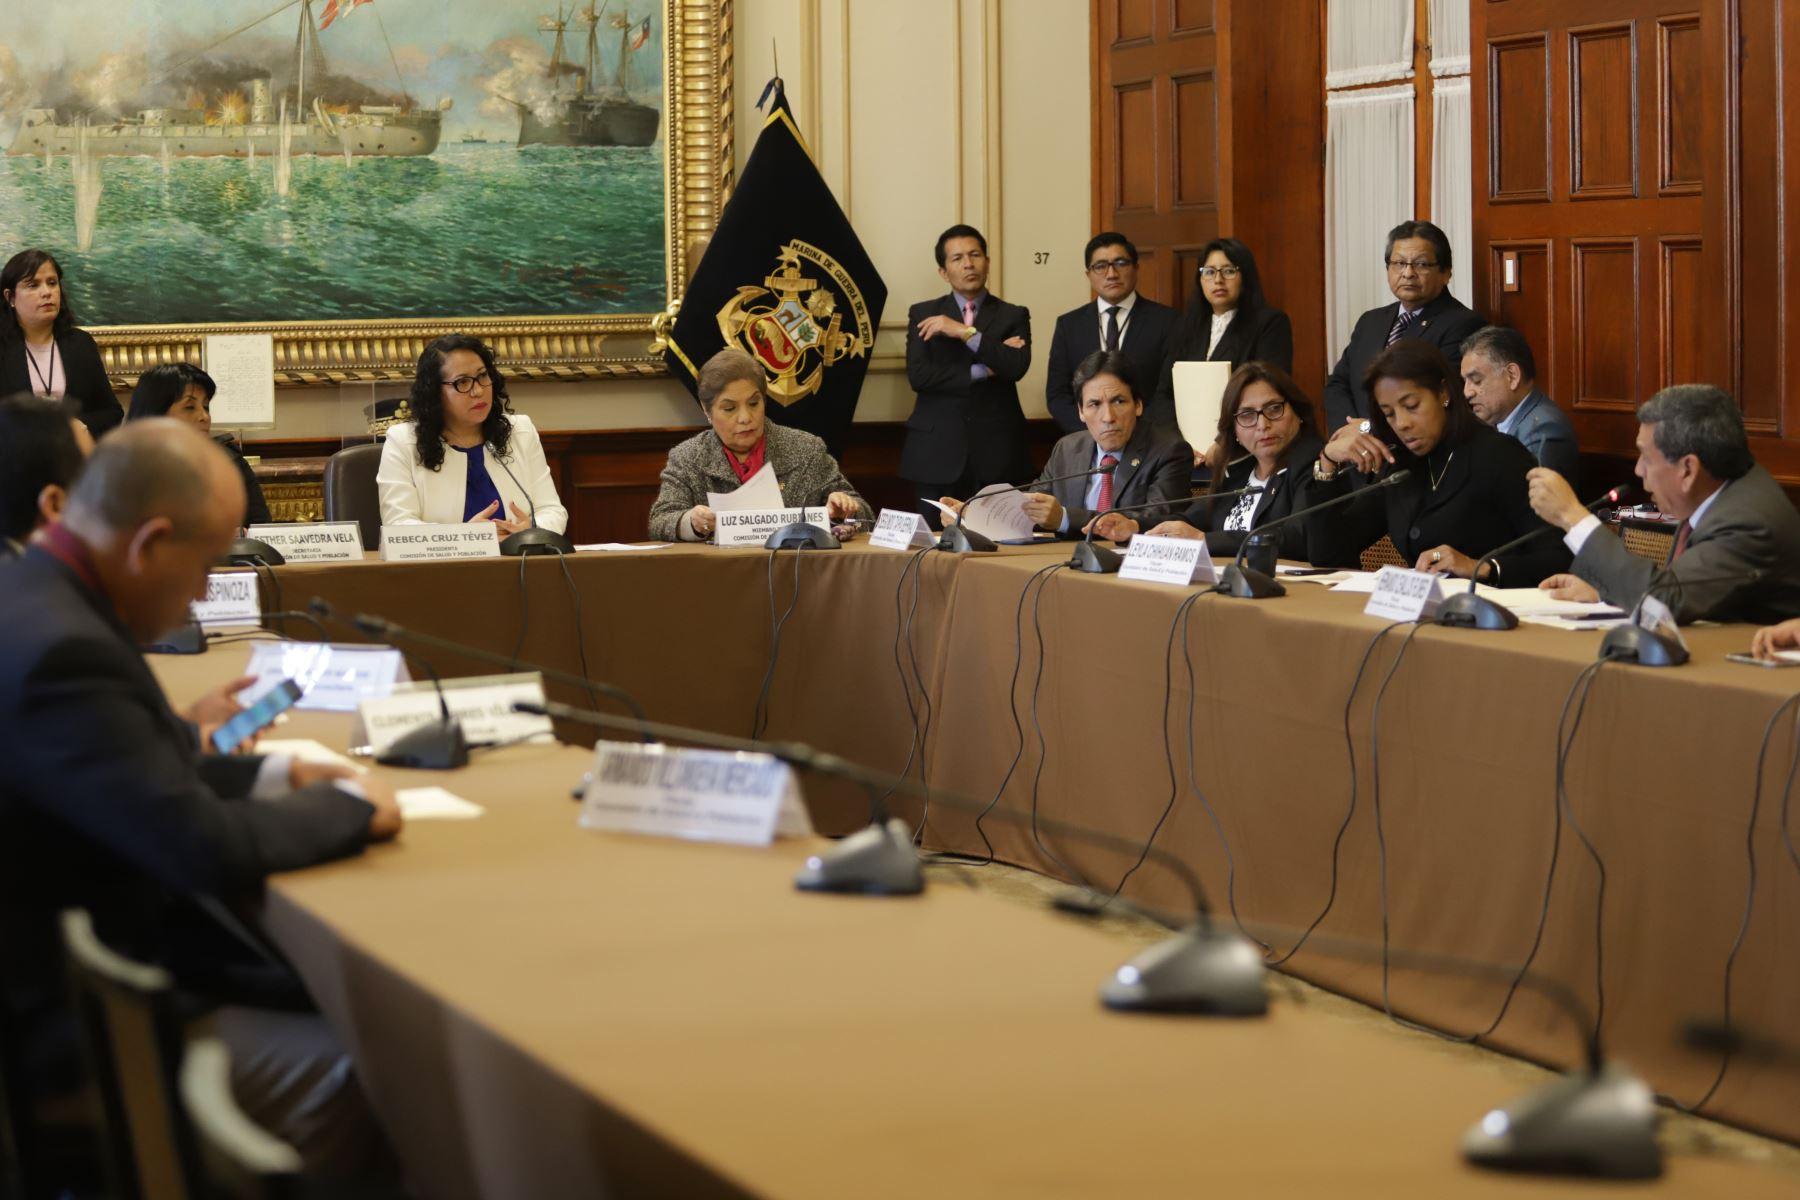 Instalación de la Comisión de Salud, cuya presidencia recae en la congresista Rebeca Cruz Tevez.  Foto: ANDINA/Jorge Tello